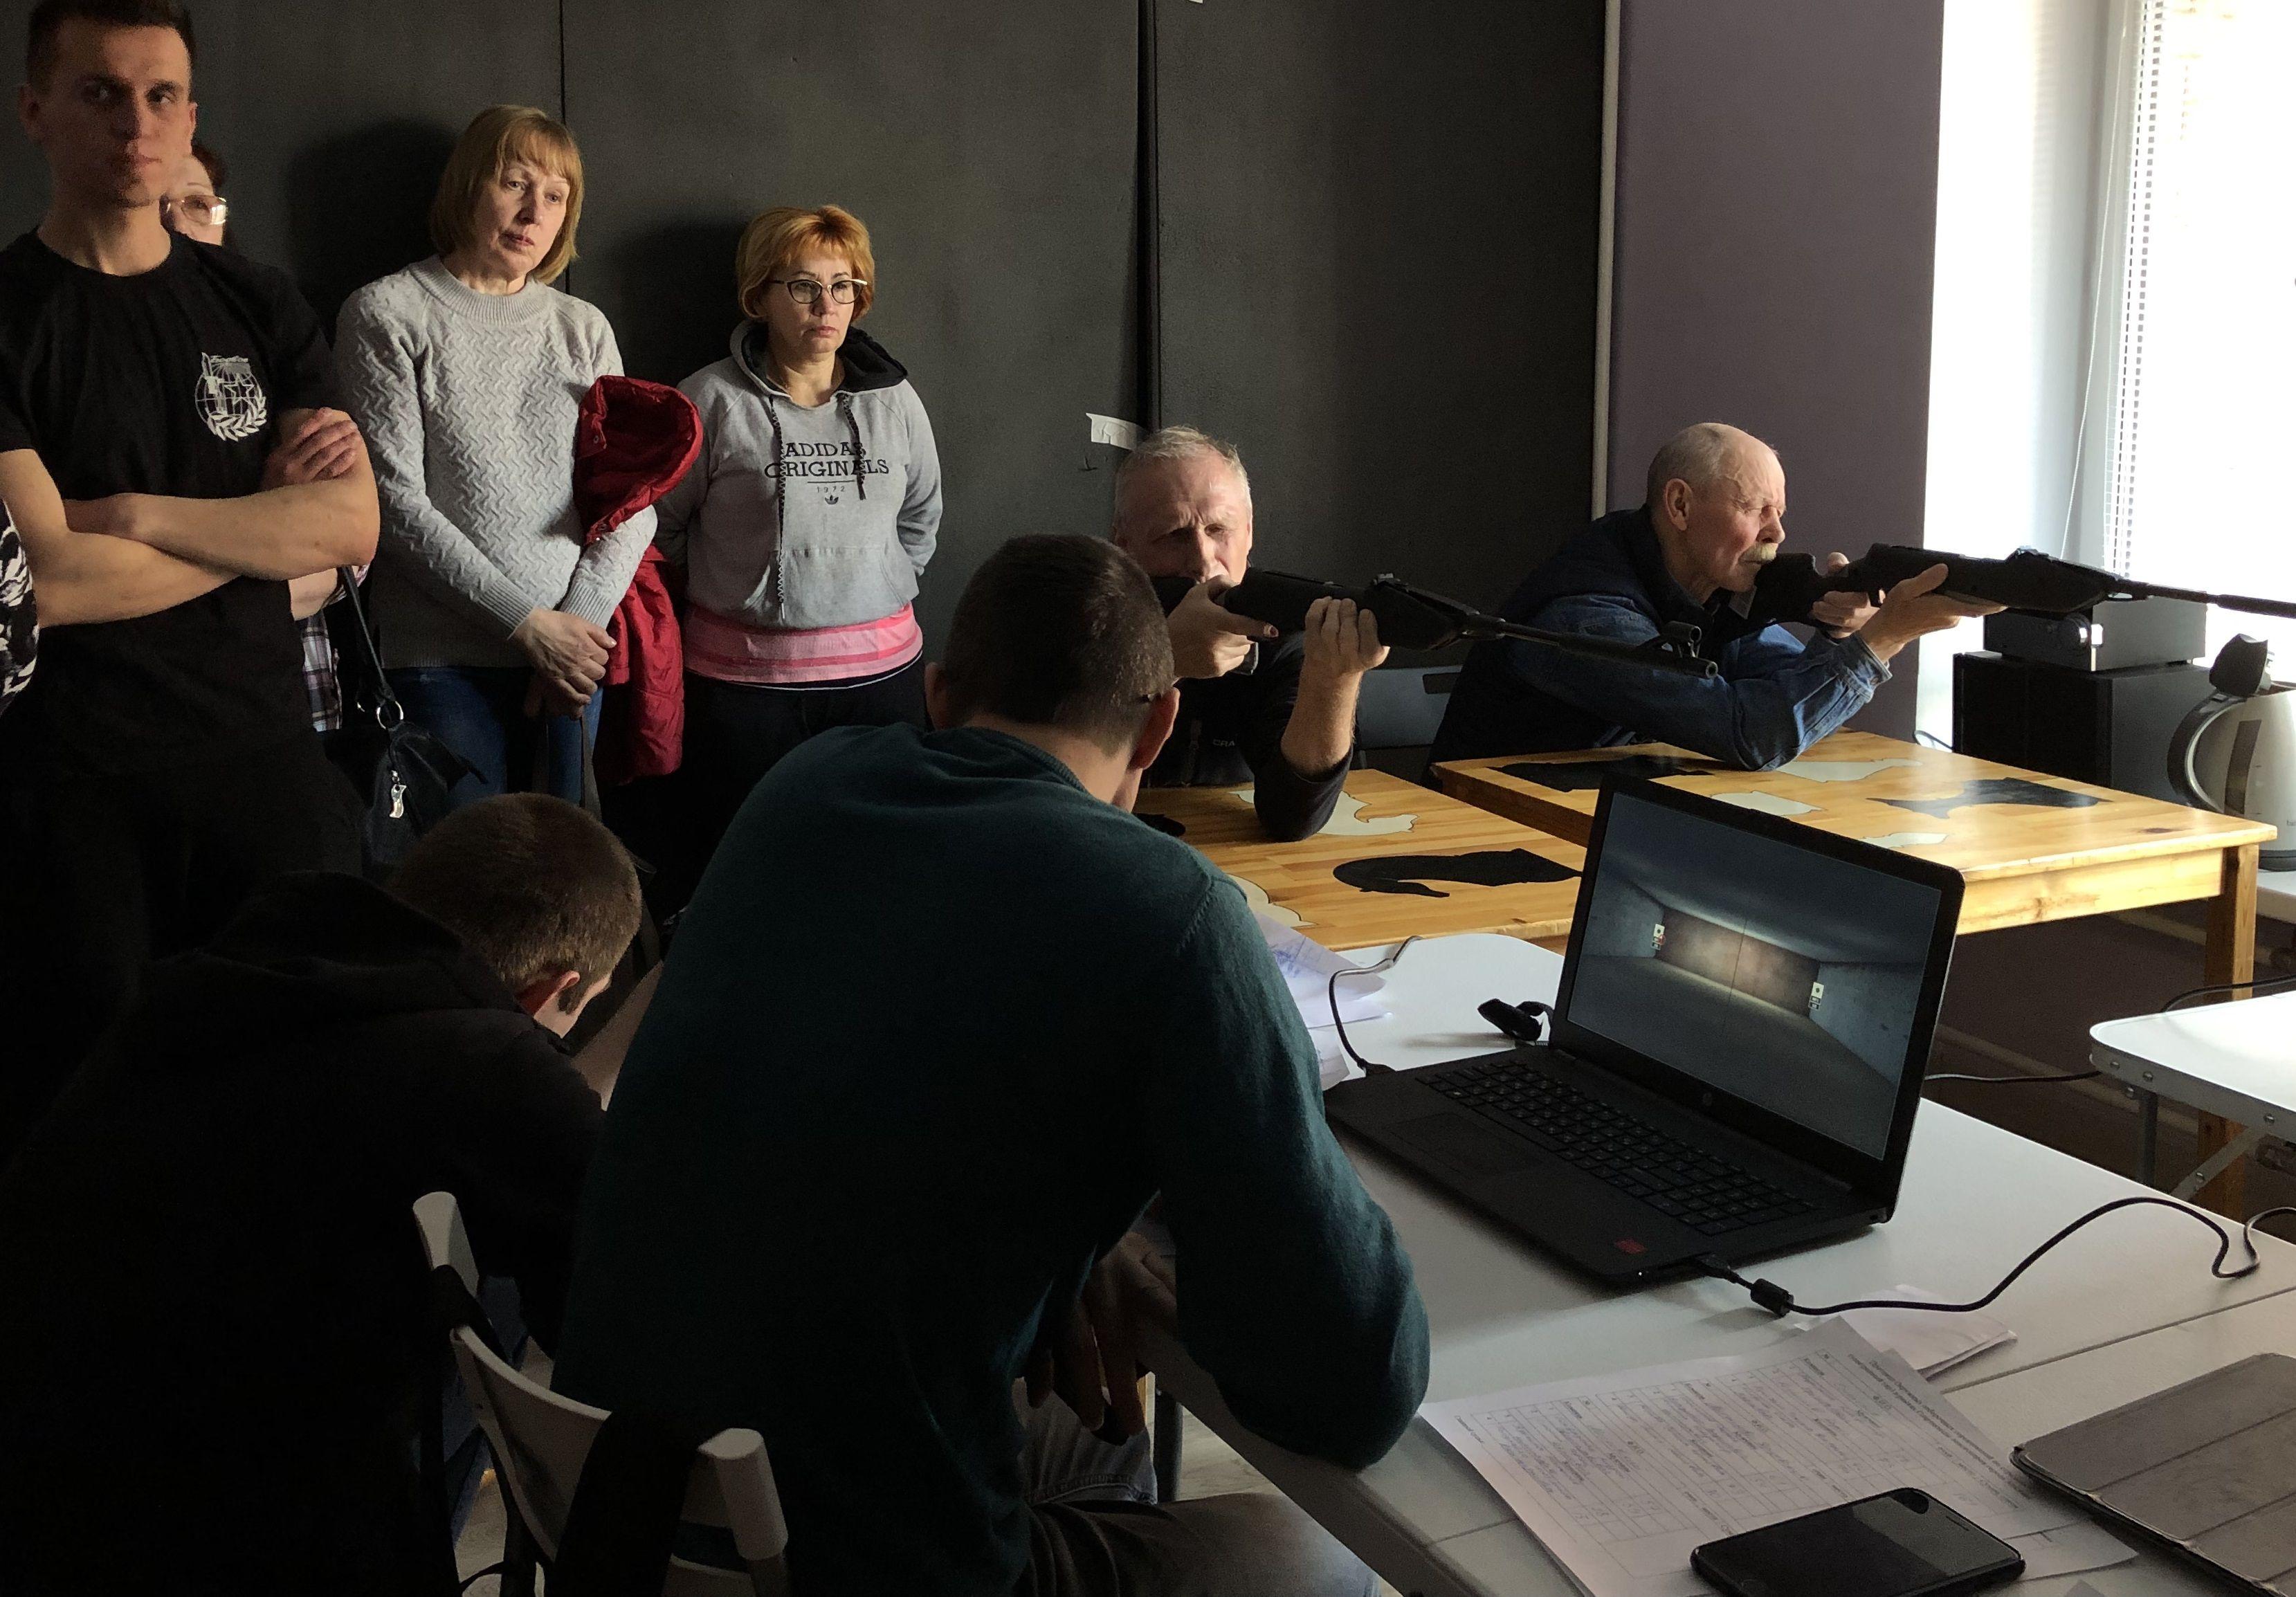 Окружные соревнования«Электронный тир»: взгляд из-за ширмы